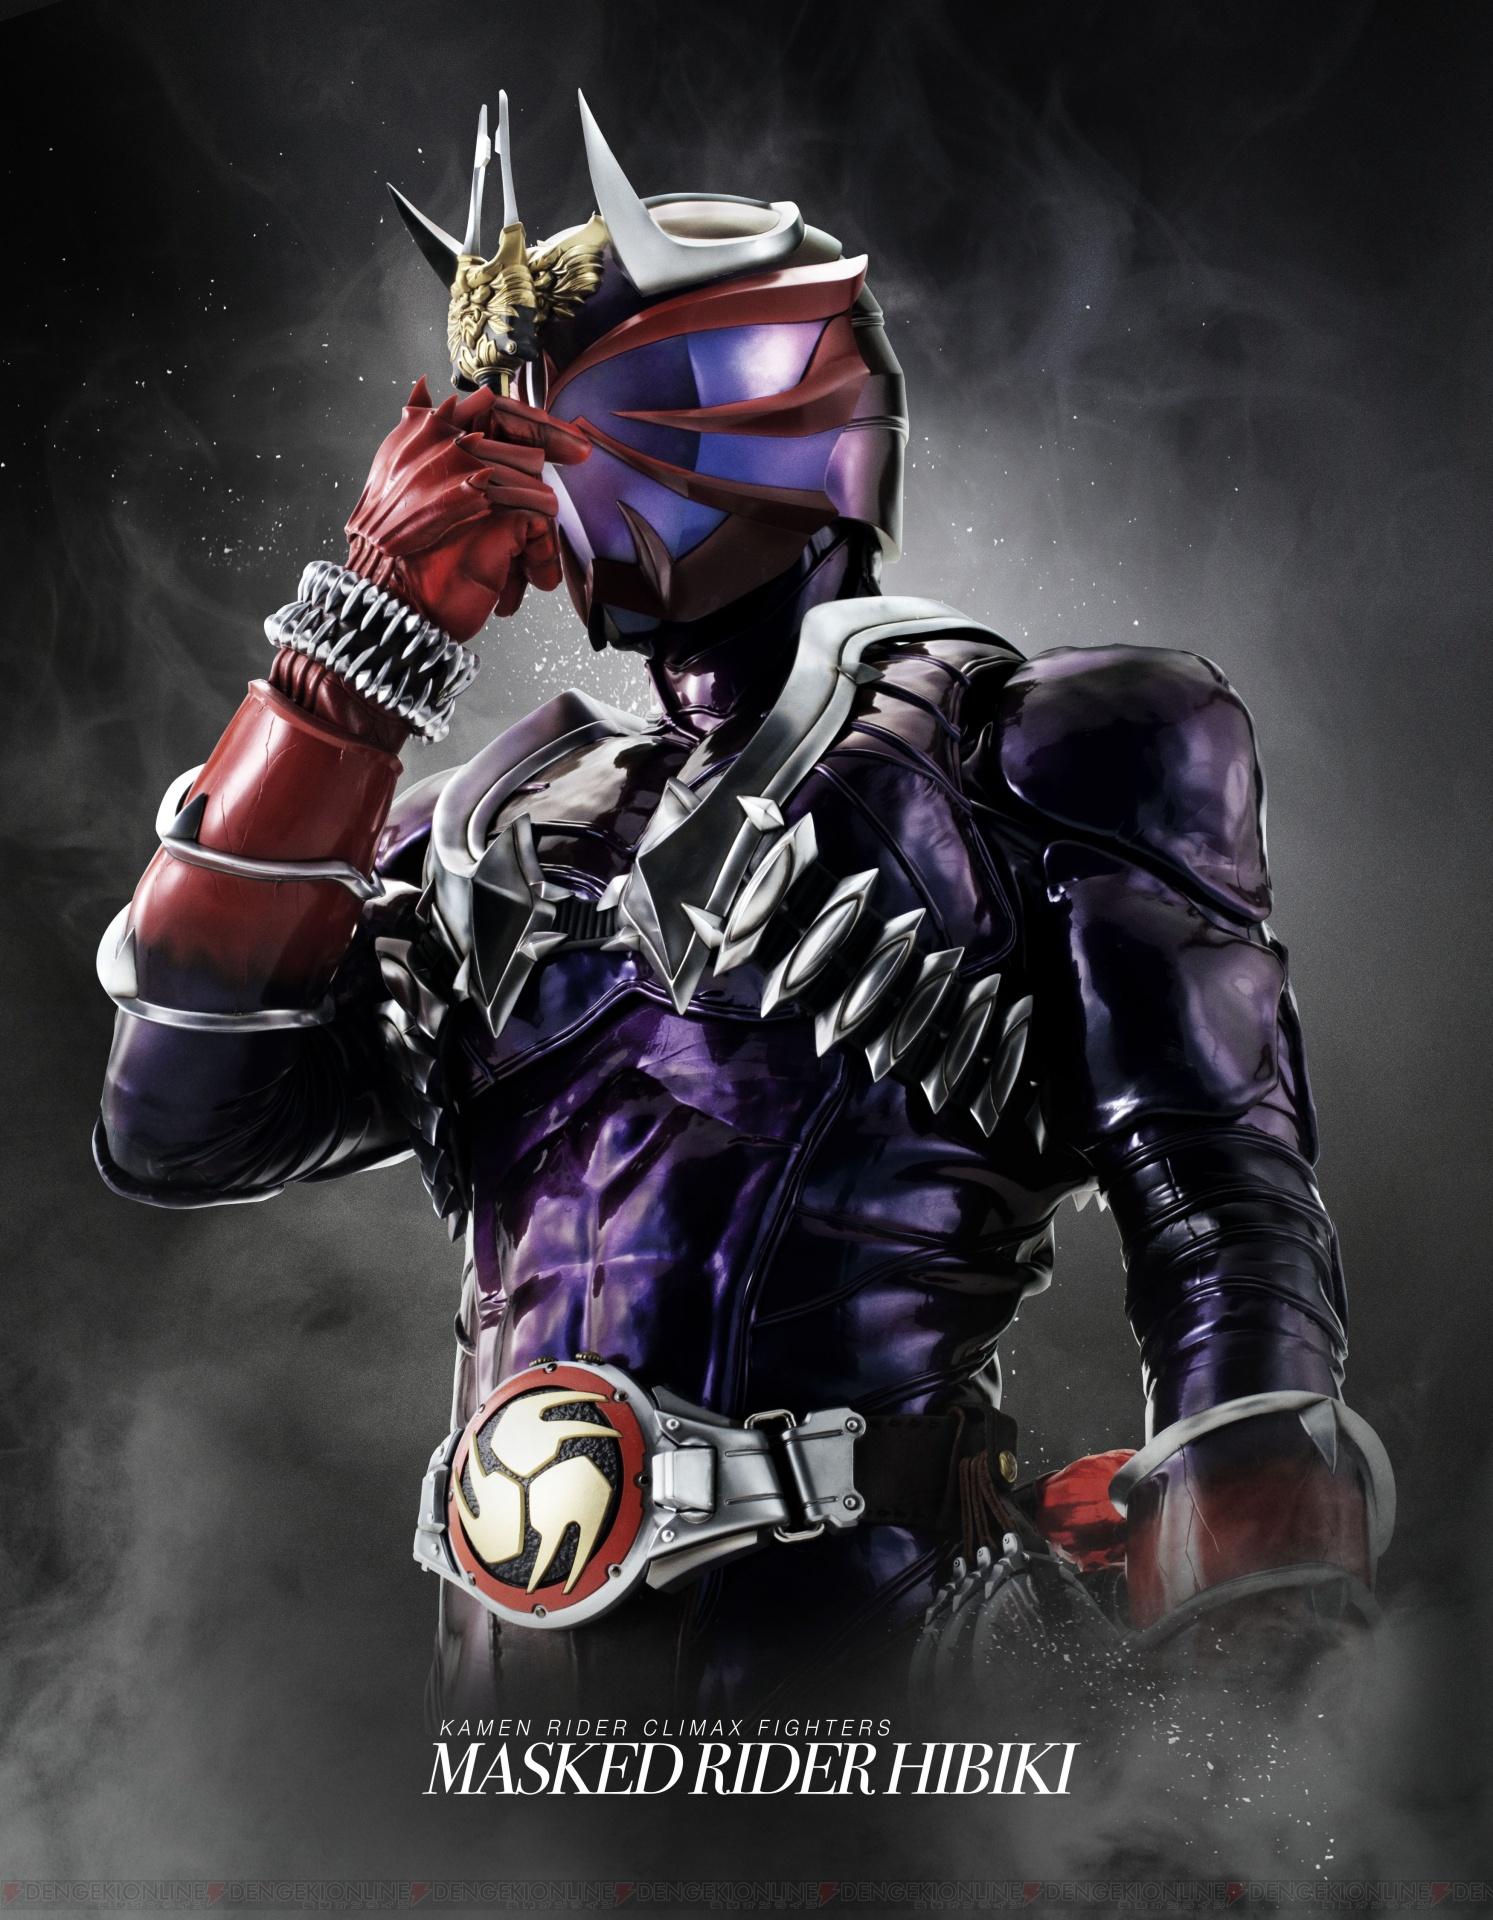 仮面ライダー クライマックスファイターズ 参戦ライダーの個性を紹介